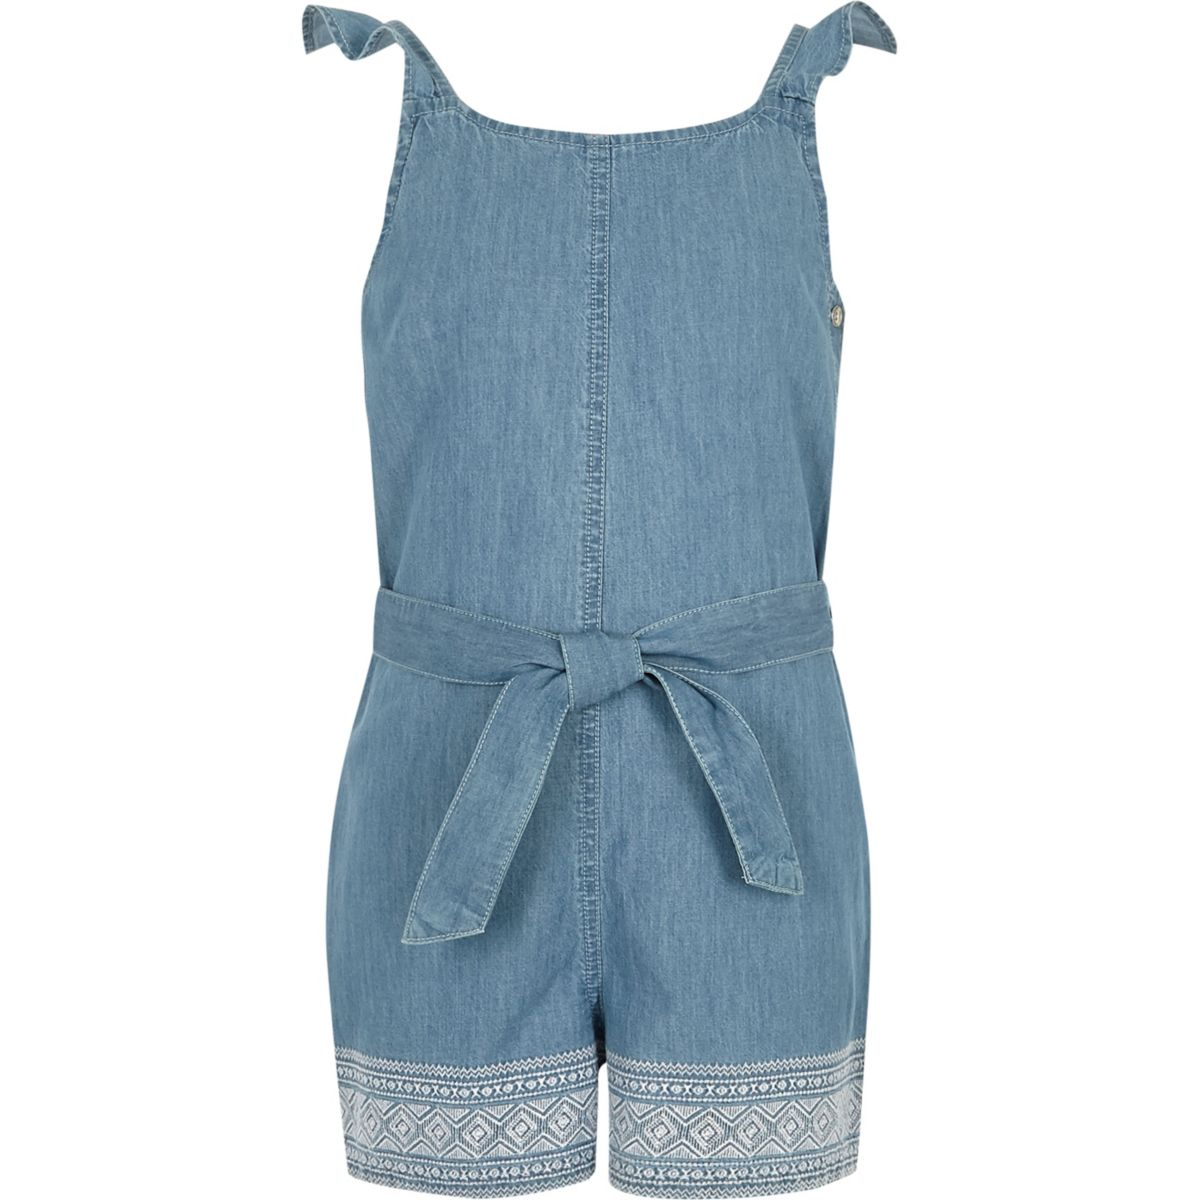 Blauer, bestickter Jeans-Playsuit